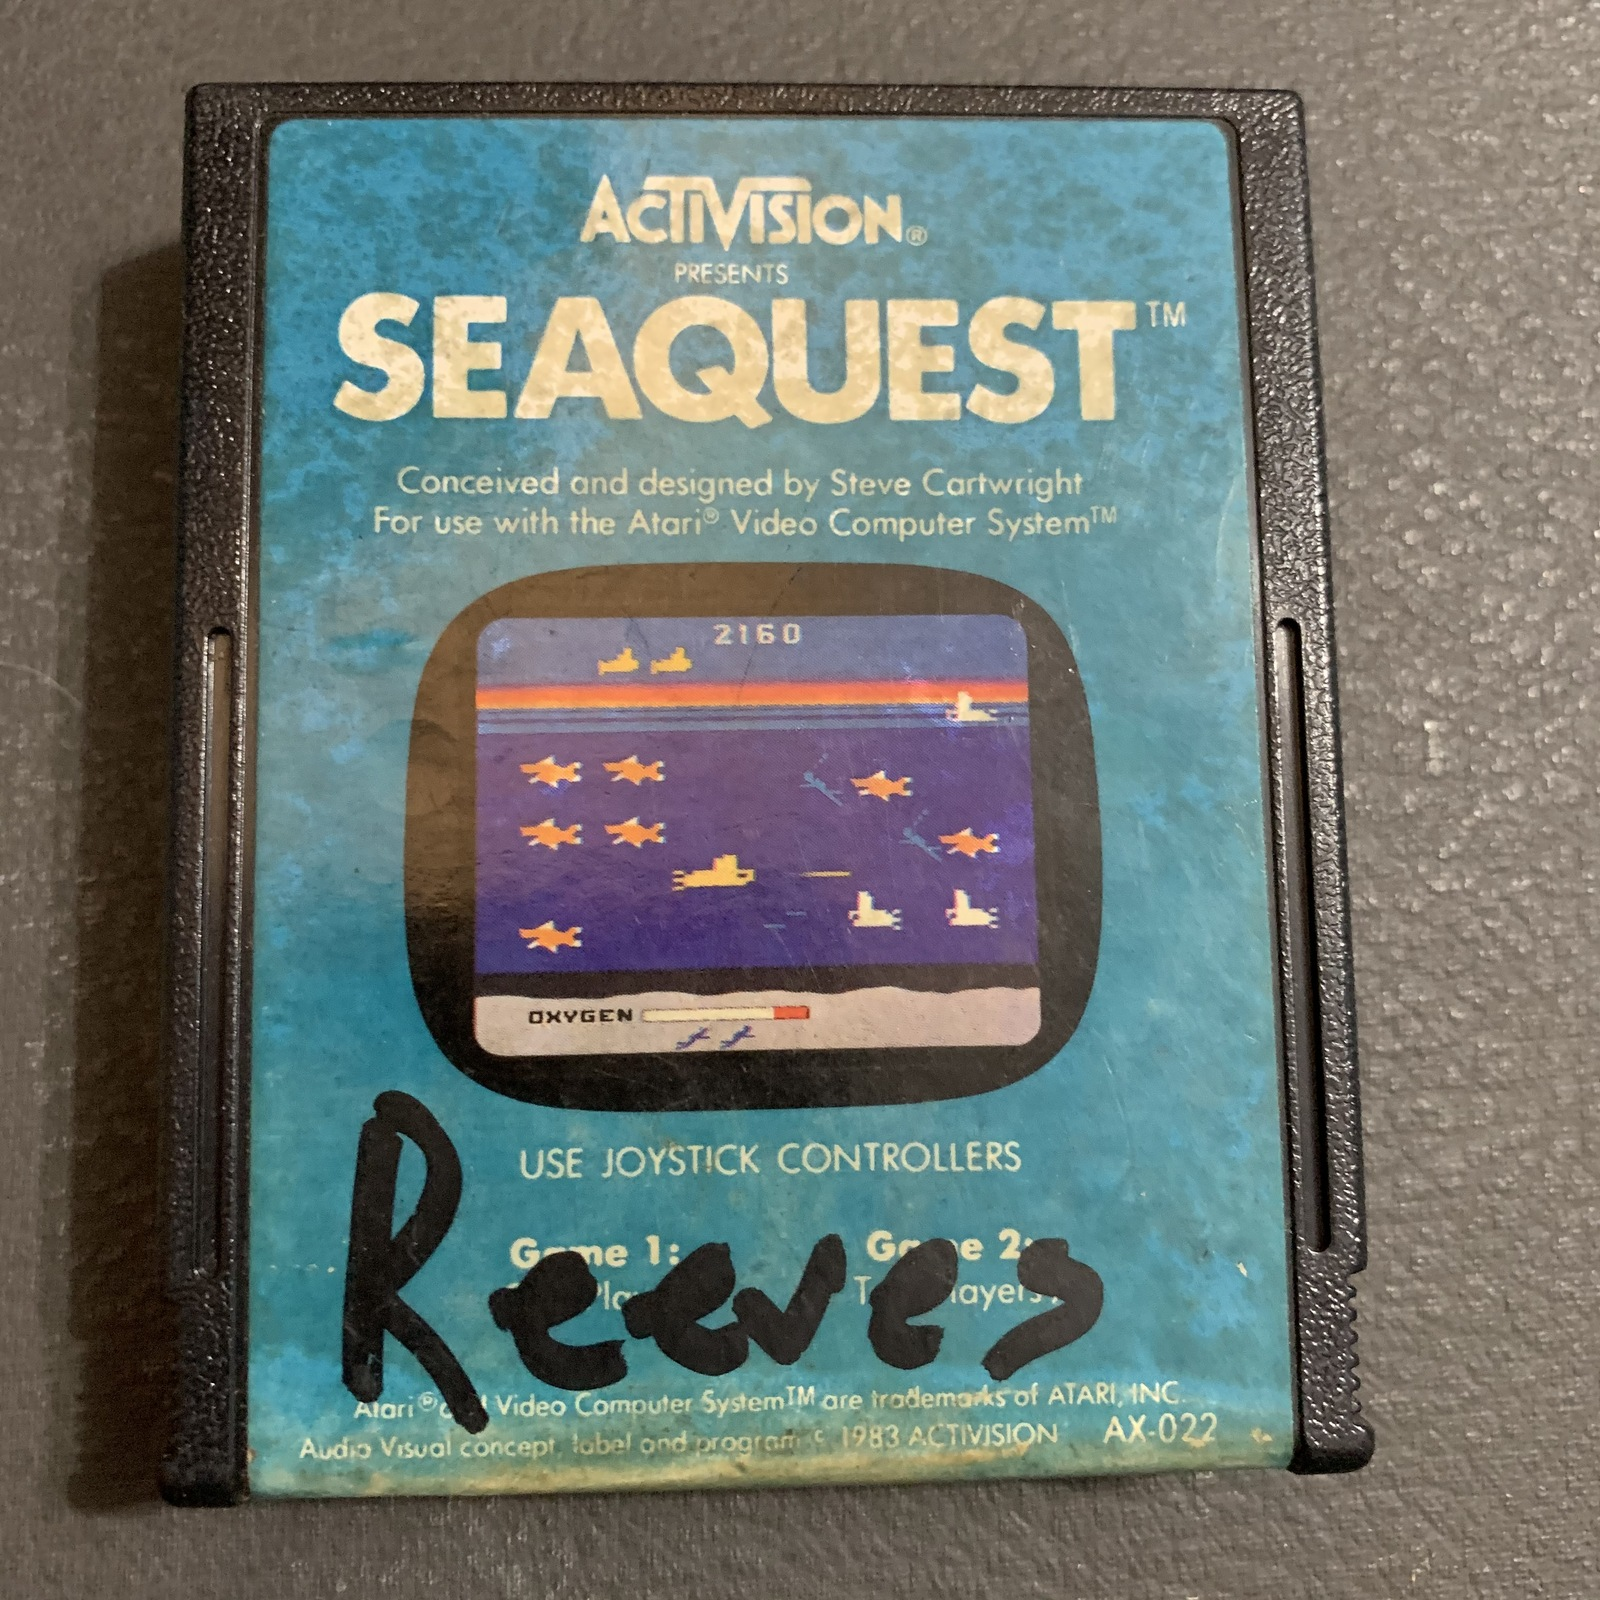 ATARI 2600 Seaquest tested video game cartridge Activision 1983 submarine arcade - $2.99